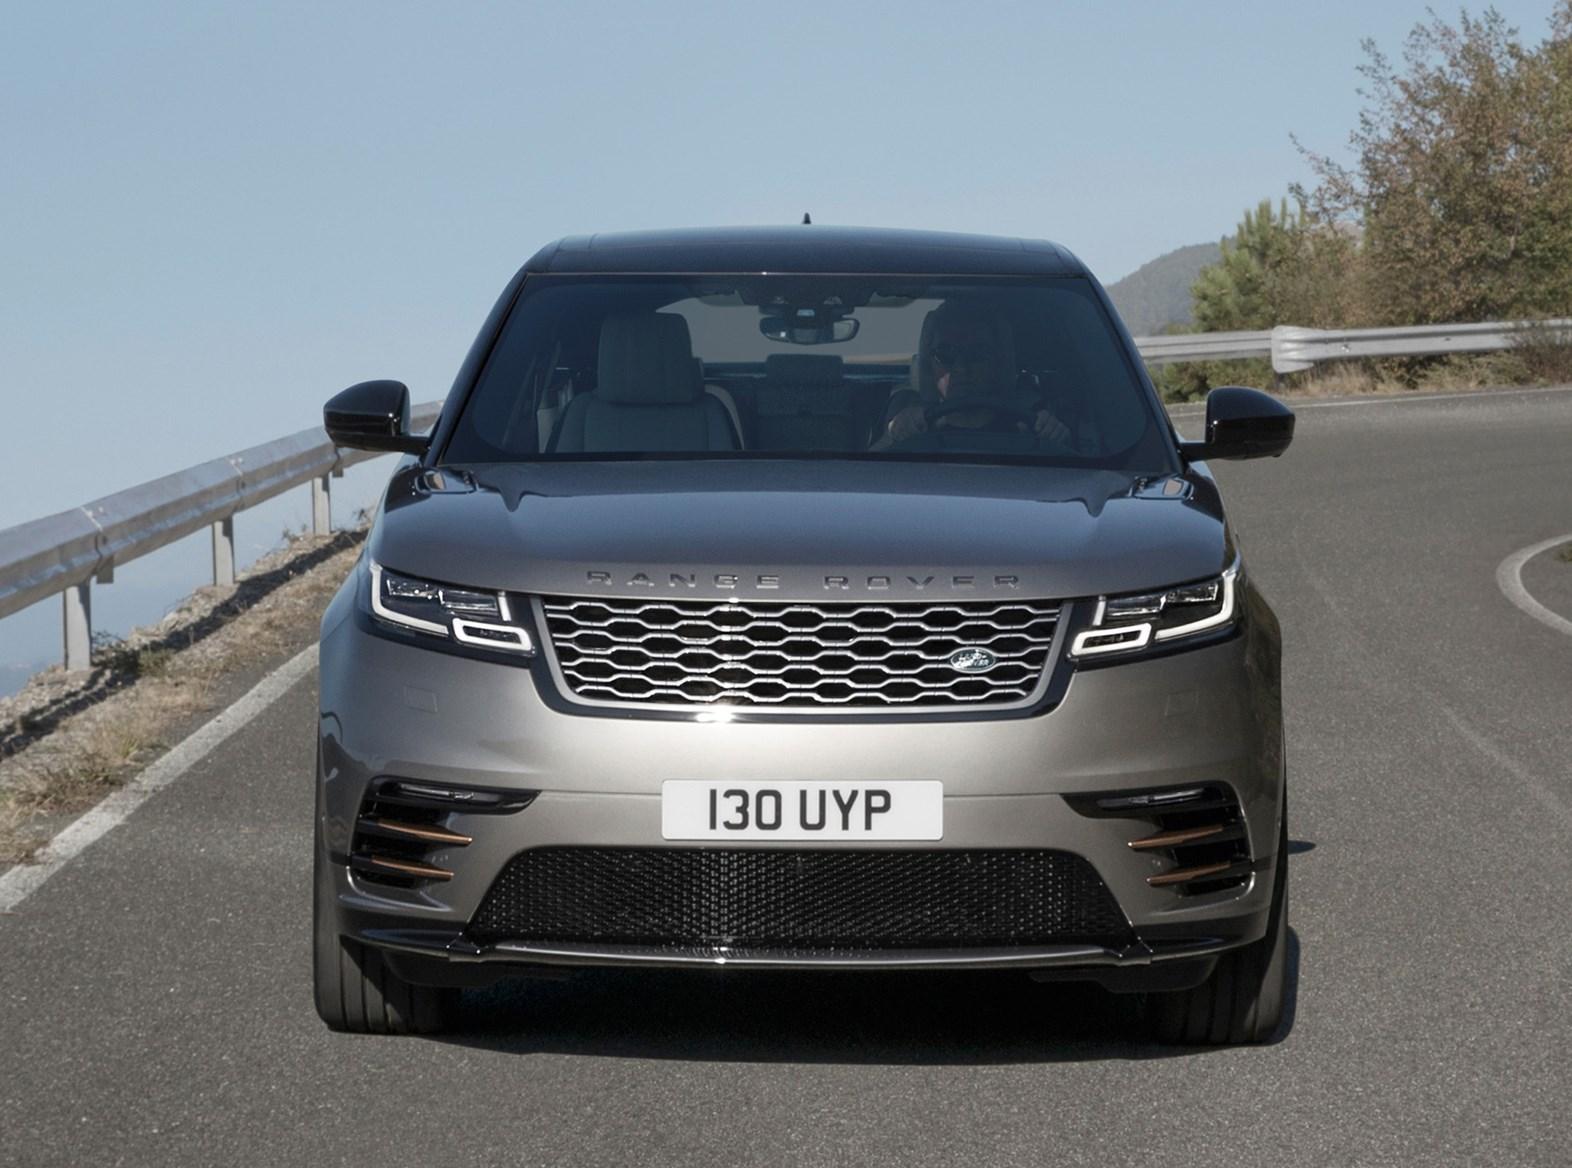 Range Rover Velar full review | Parkers